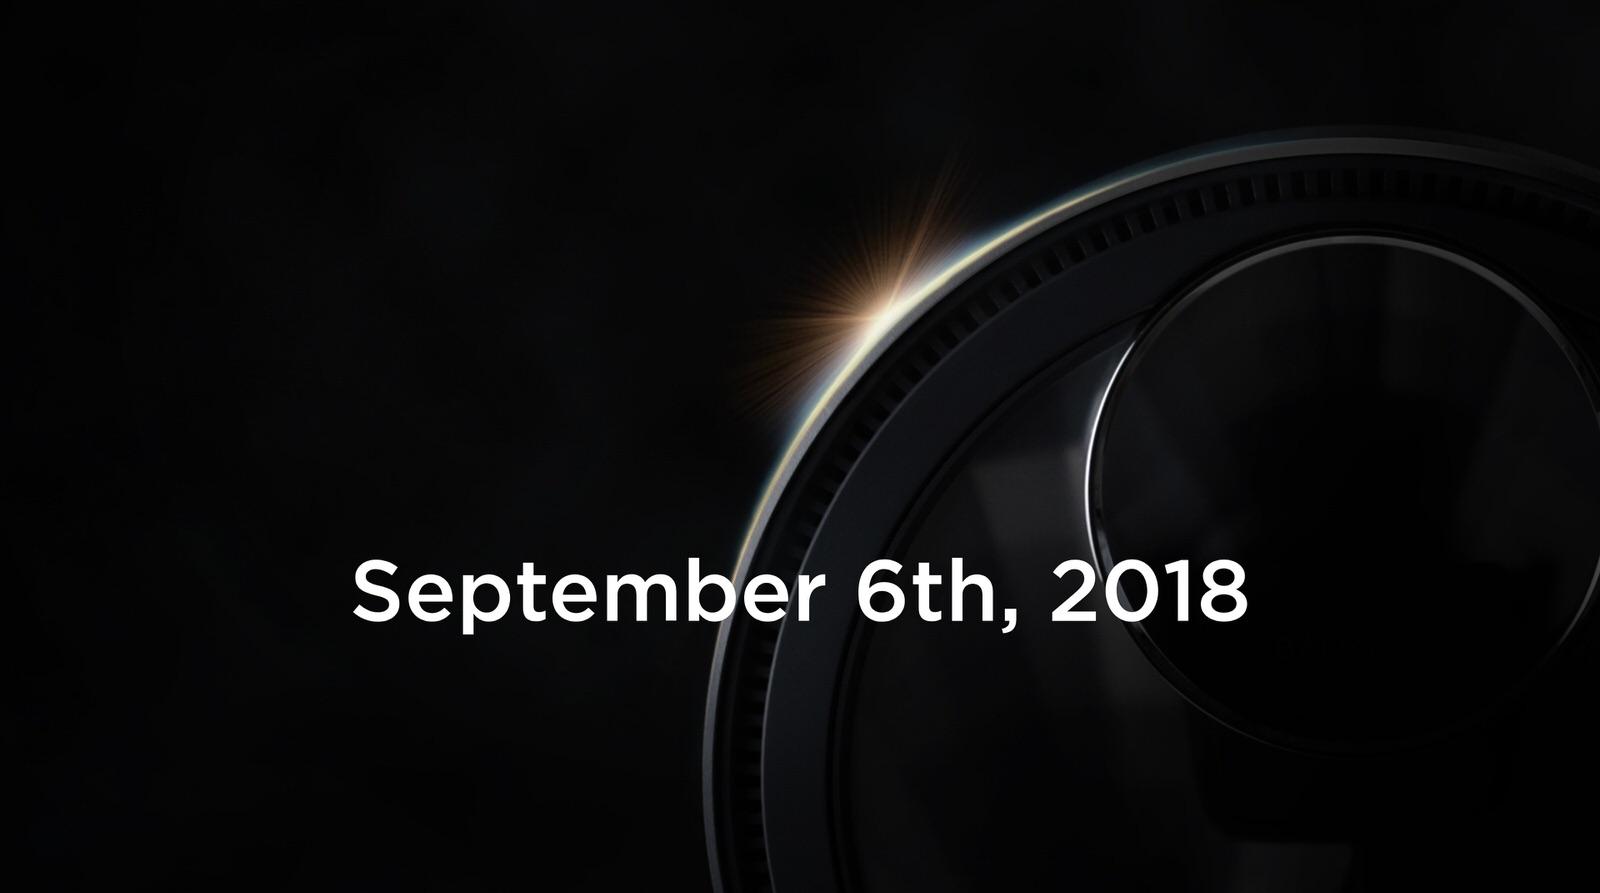 バルミューダ、9月6日15時に新製品を発表 「ロボット掃除機」「コーヒーメーカー」など予想続々